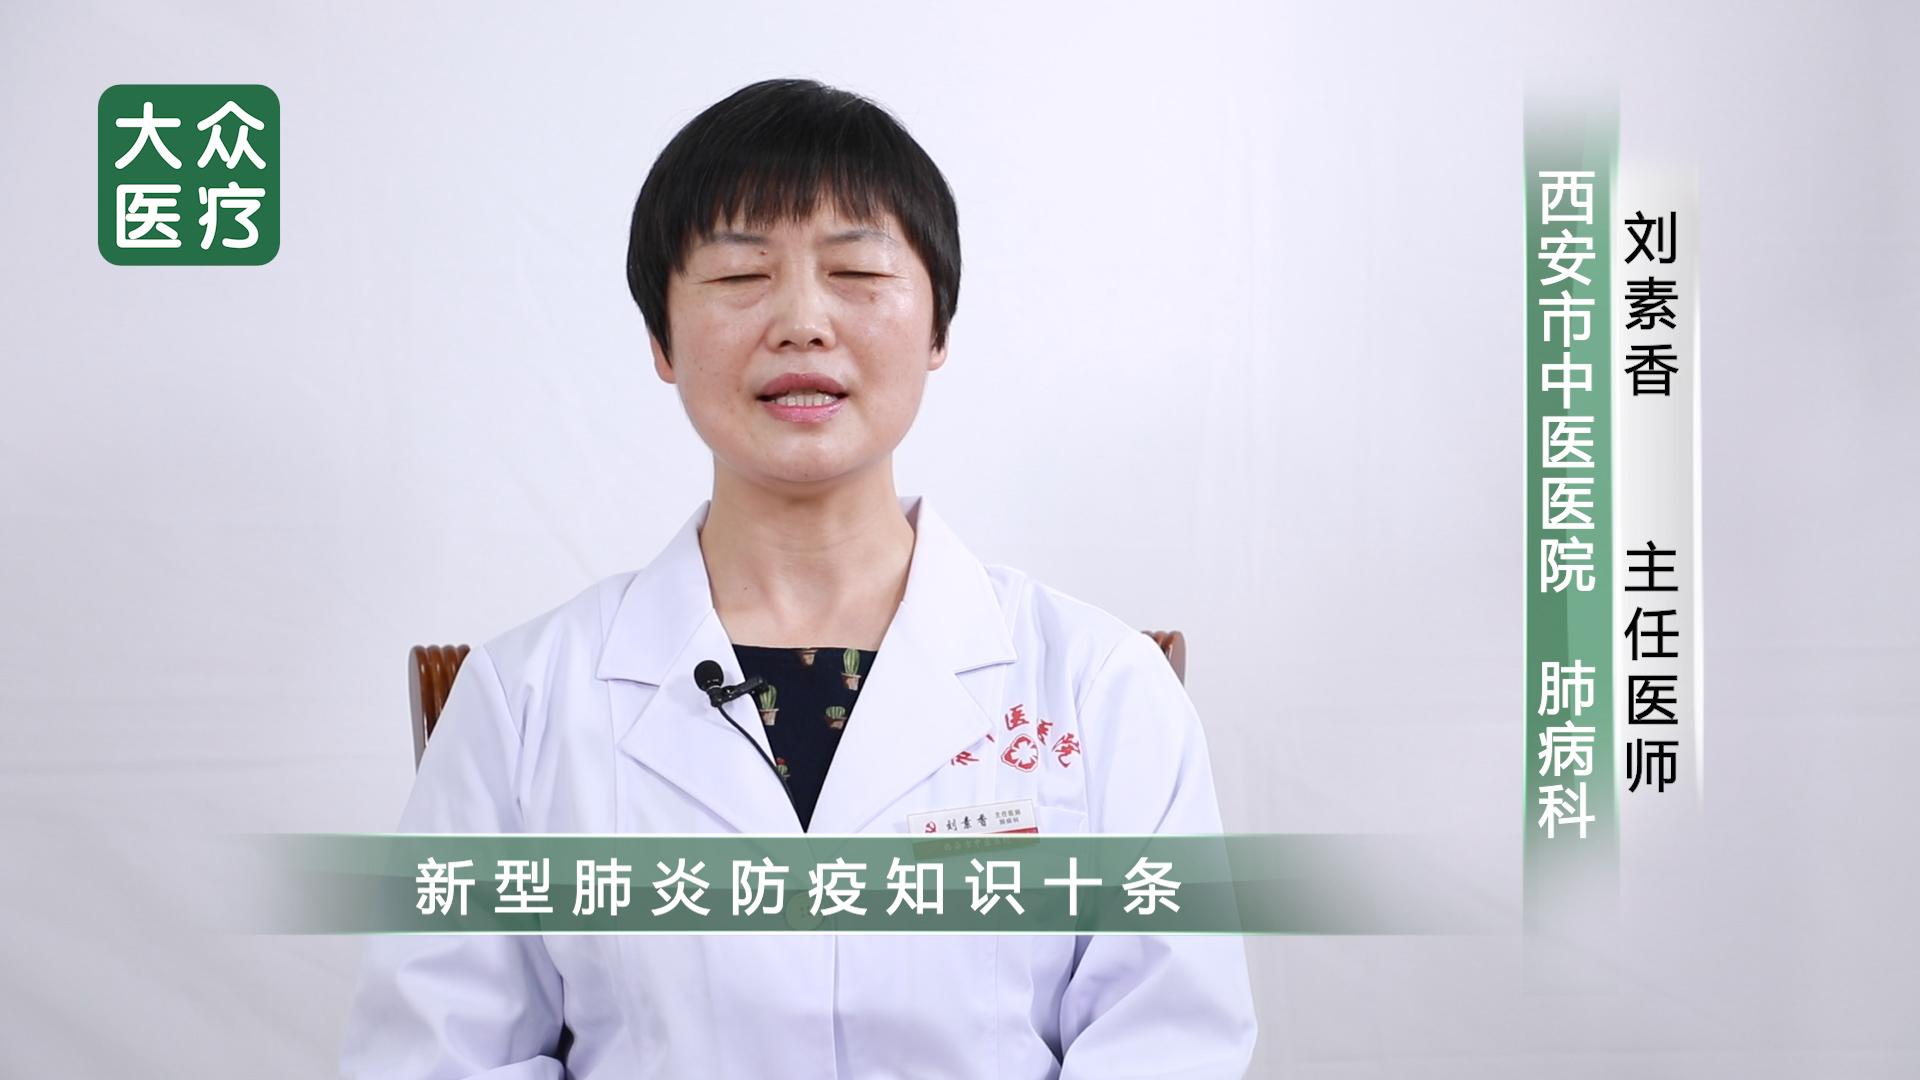 新型肺炎防疫知识十条